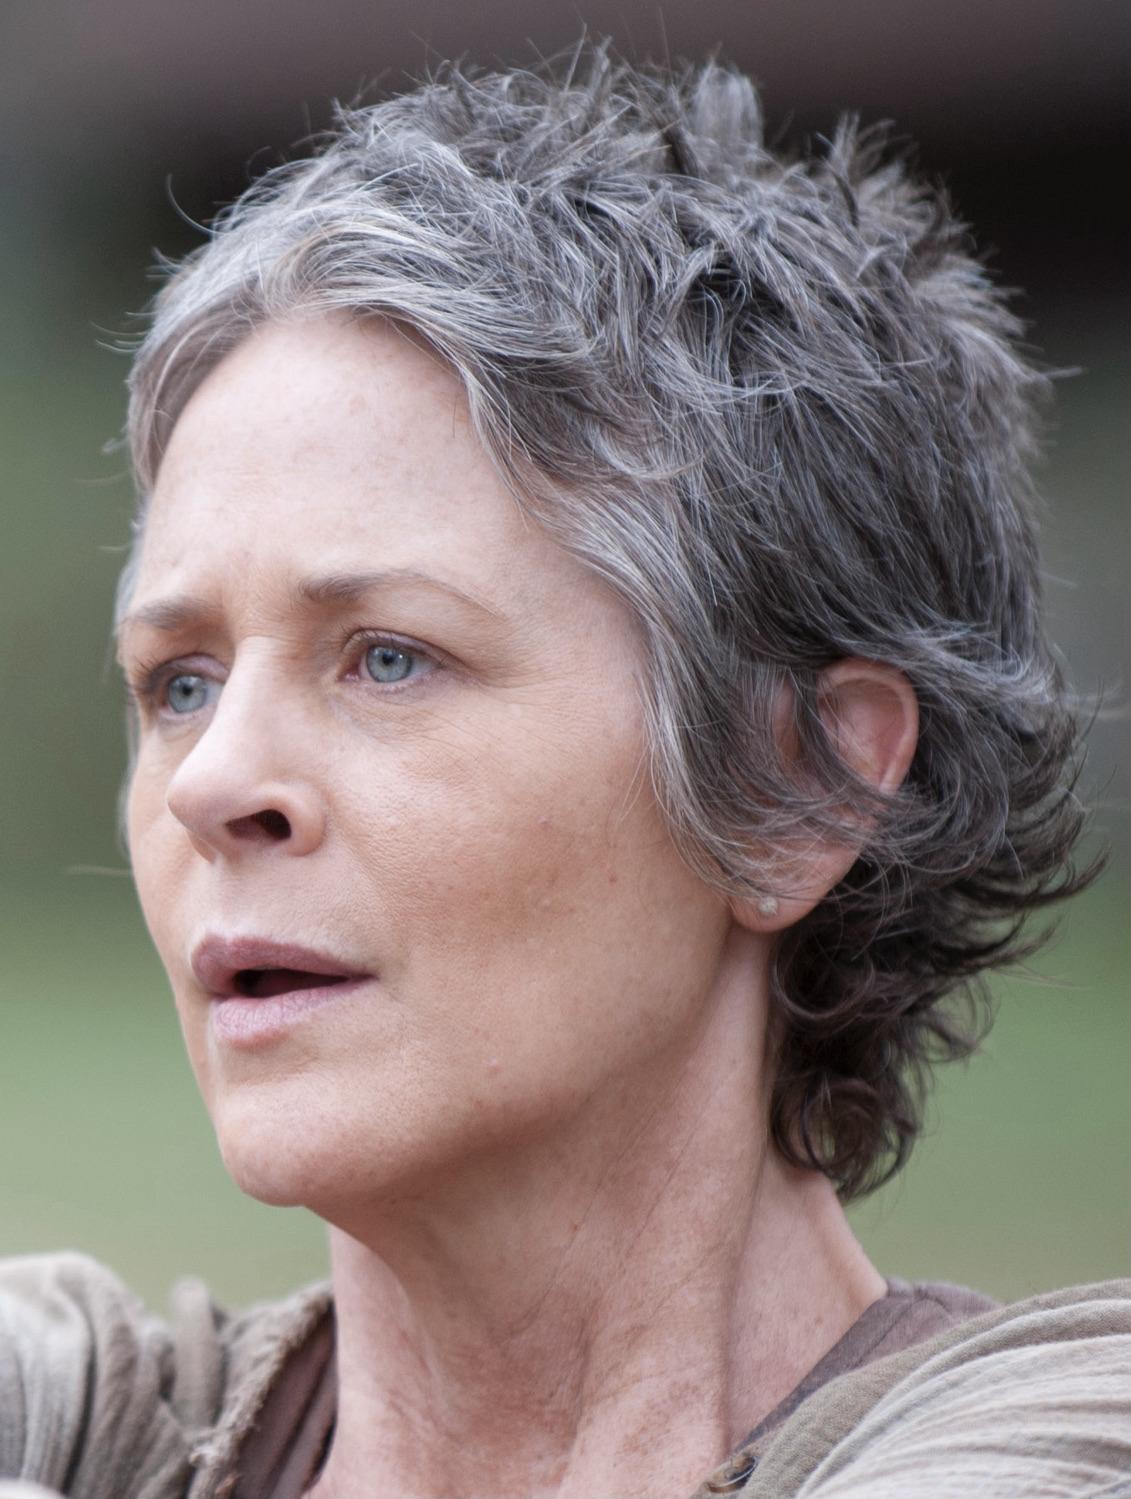 Pornostar Carol